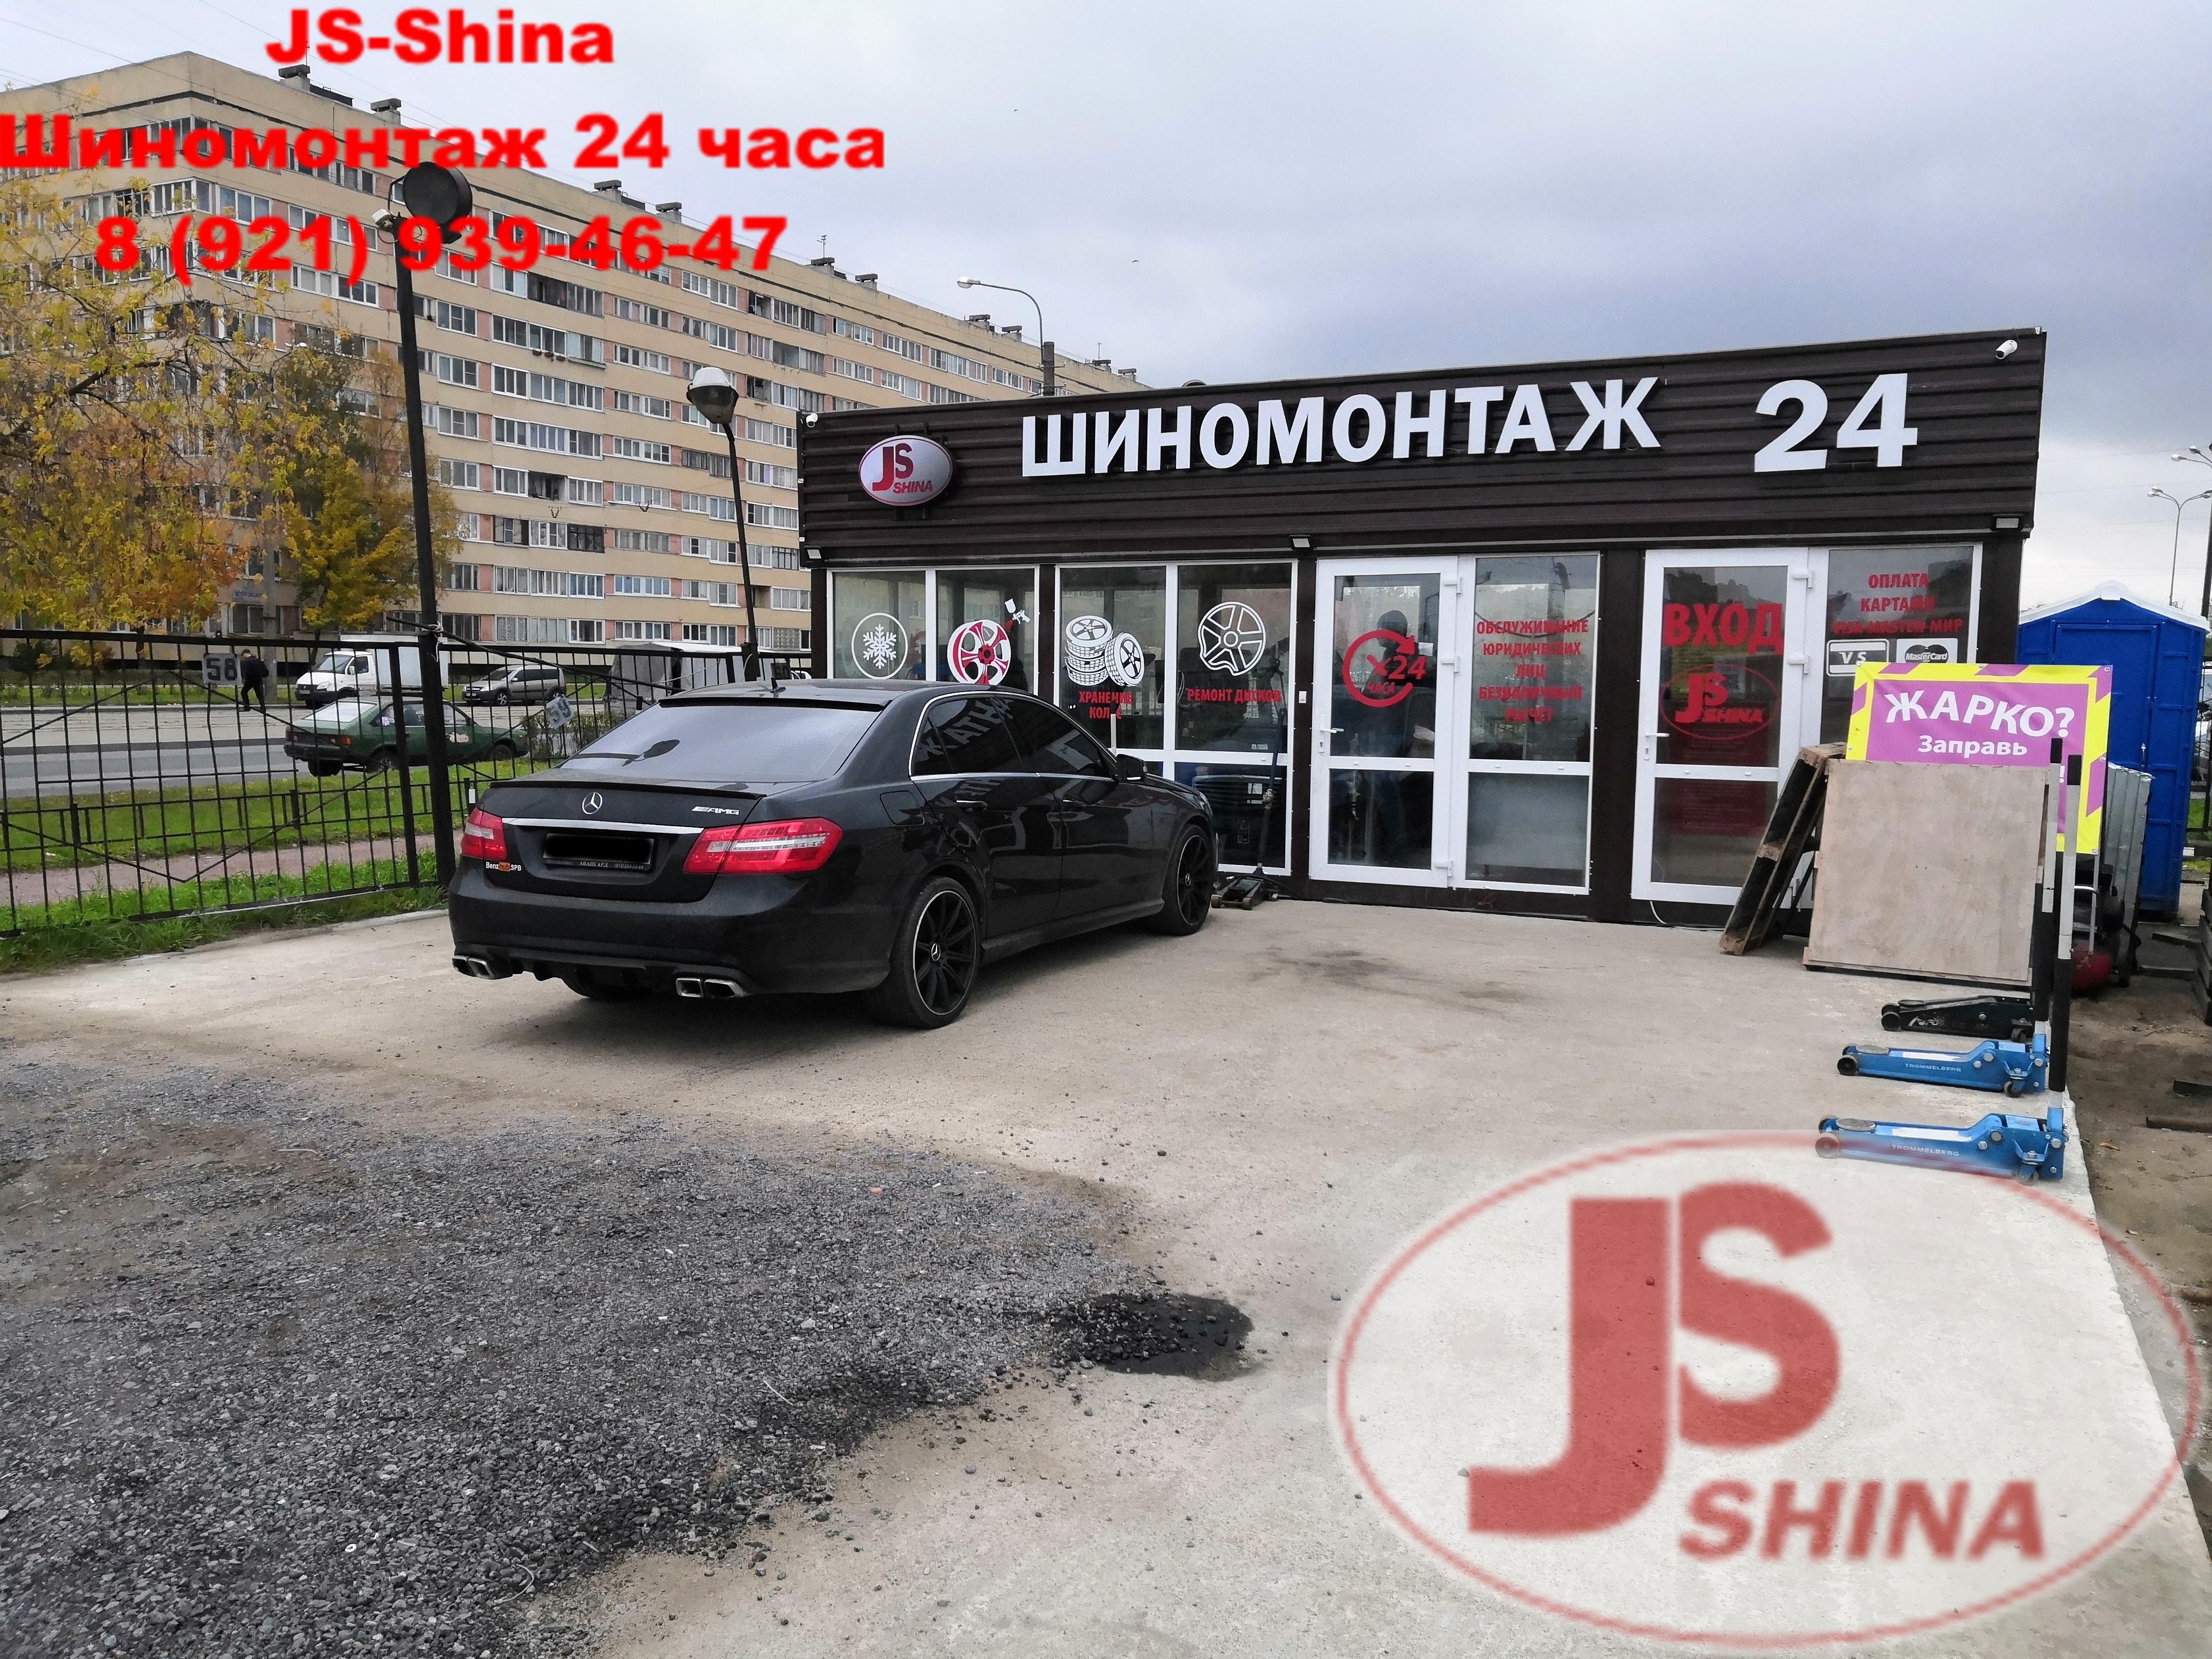 JS-Shina шиномонтаж 24 часа в Спб ул. Десантников